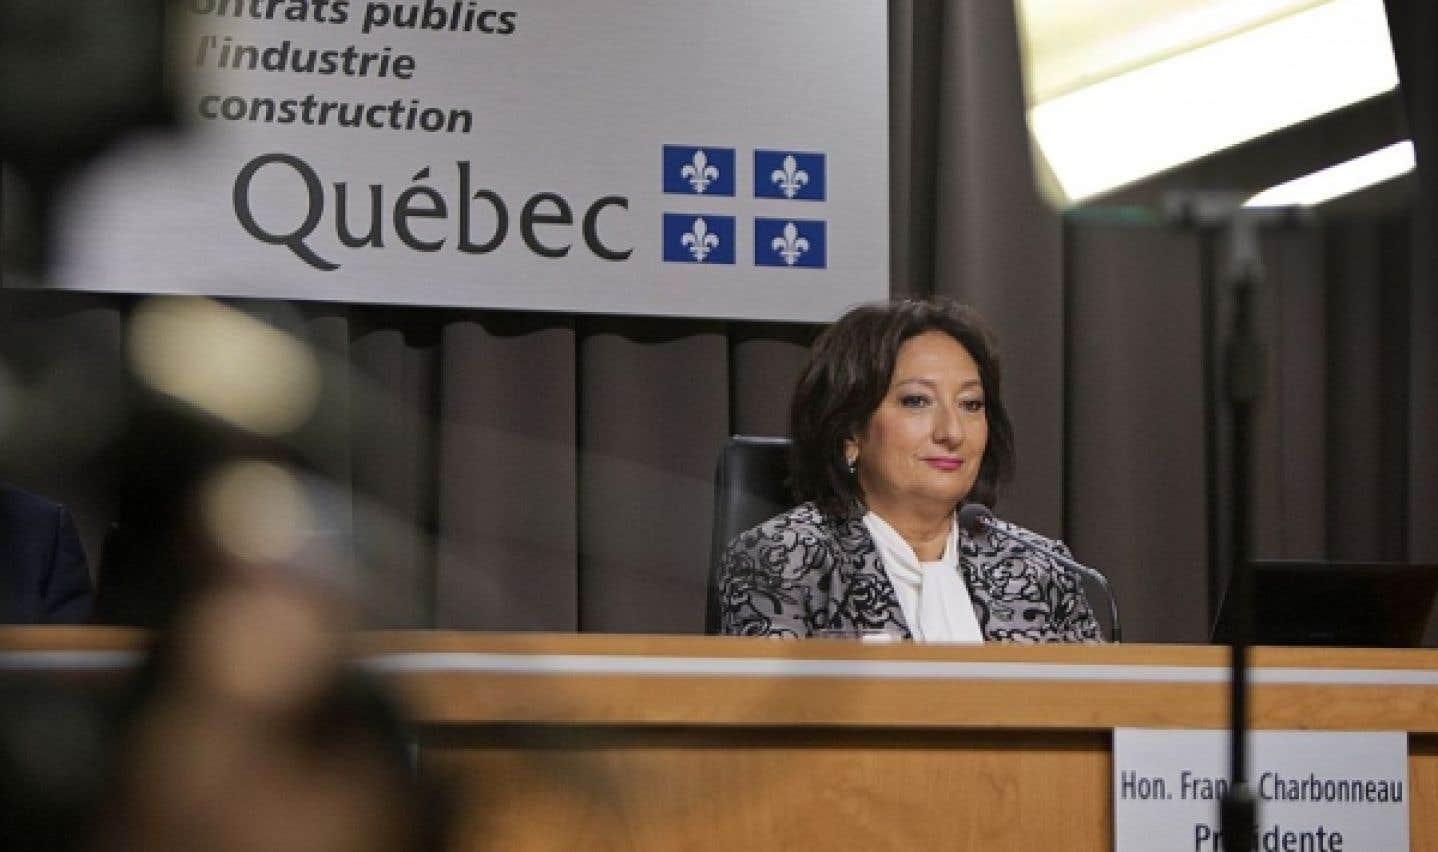 Commission Charbonneau - Devine qui vient témoigner?